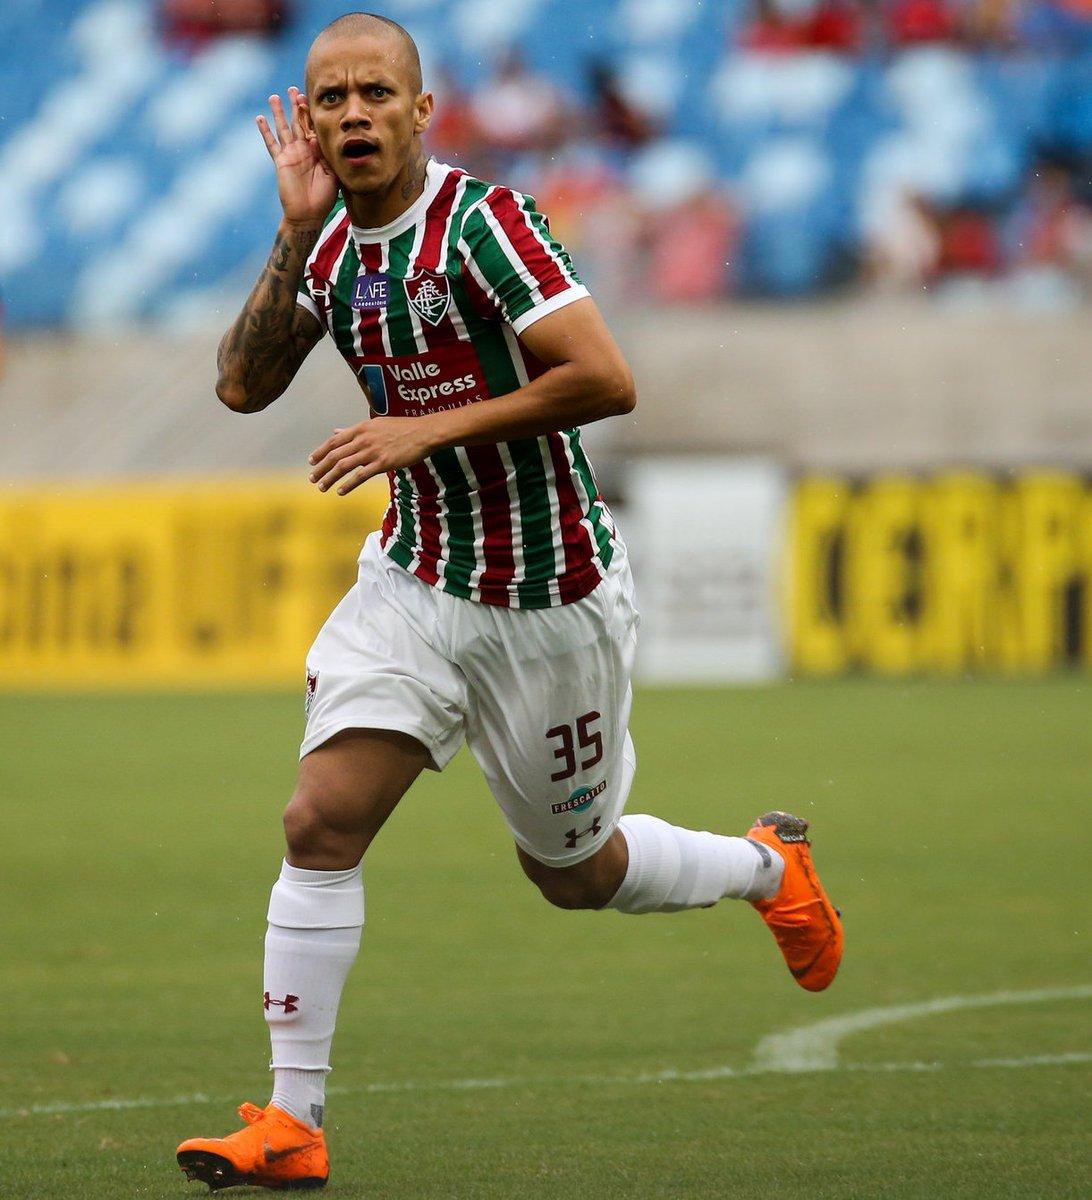 Quinta tem Fluzão em campo! Quem está ansioso para o retorno do Tricolor? 👌😜